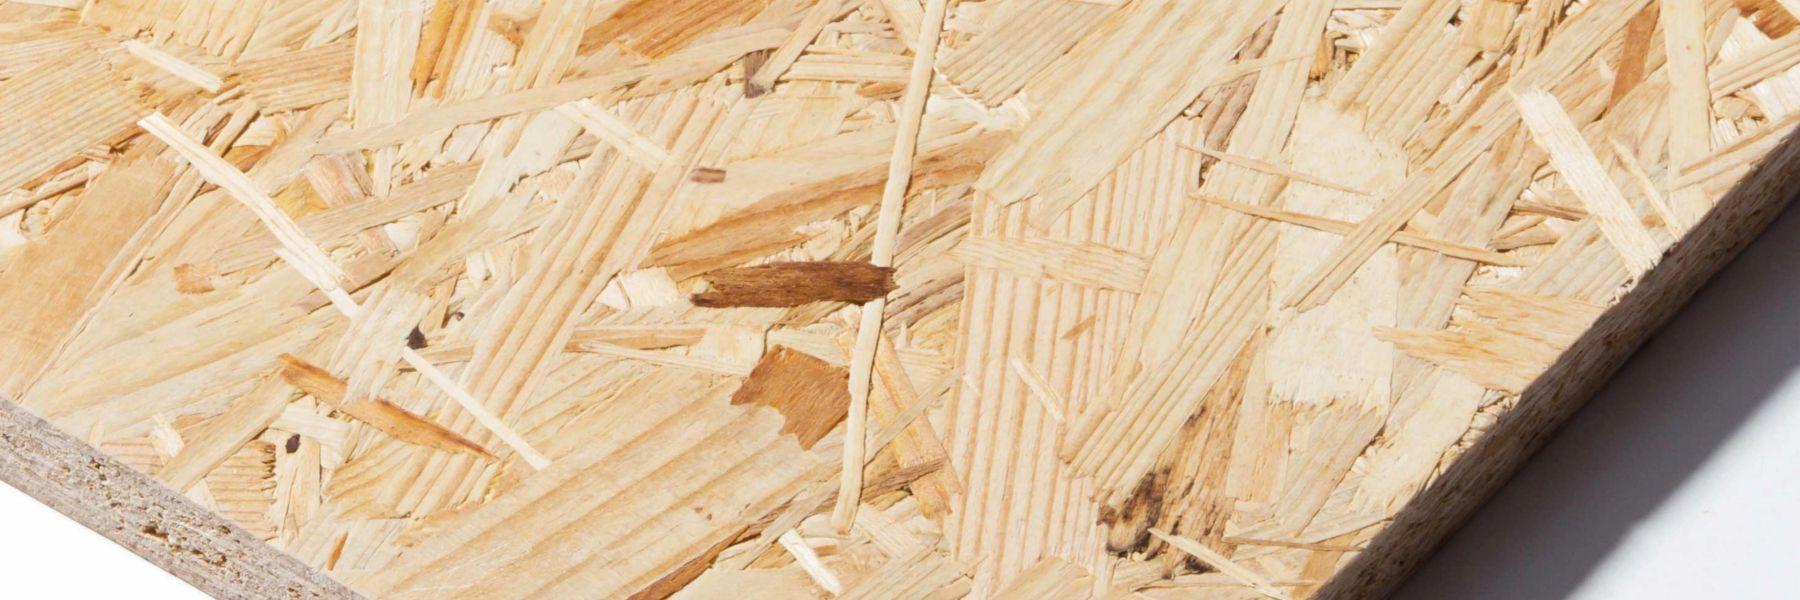 Grundierung BeGrund PurAG für Holzplatten, Gummi, Asphalt, Verlegeplatten, OSB-Platten, Stahl